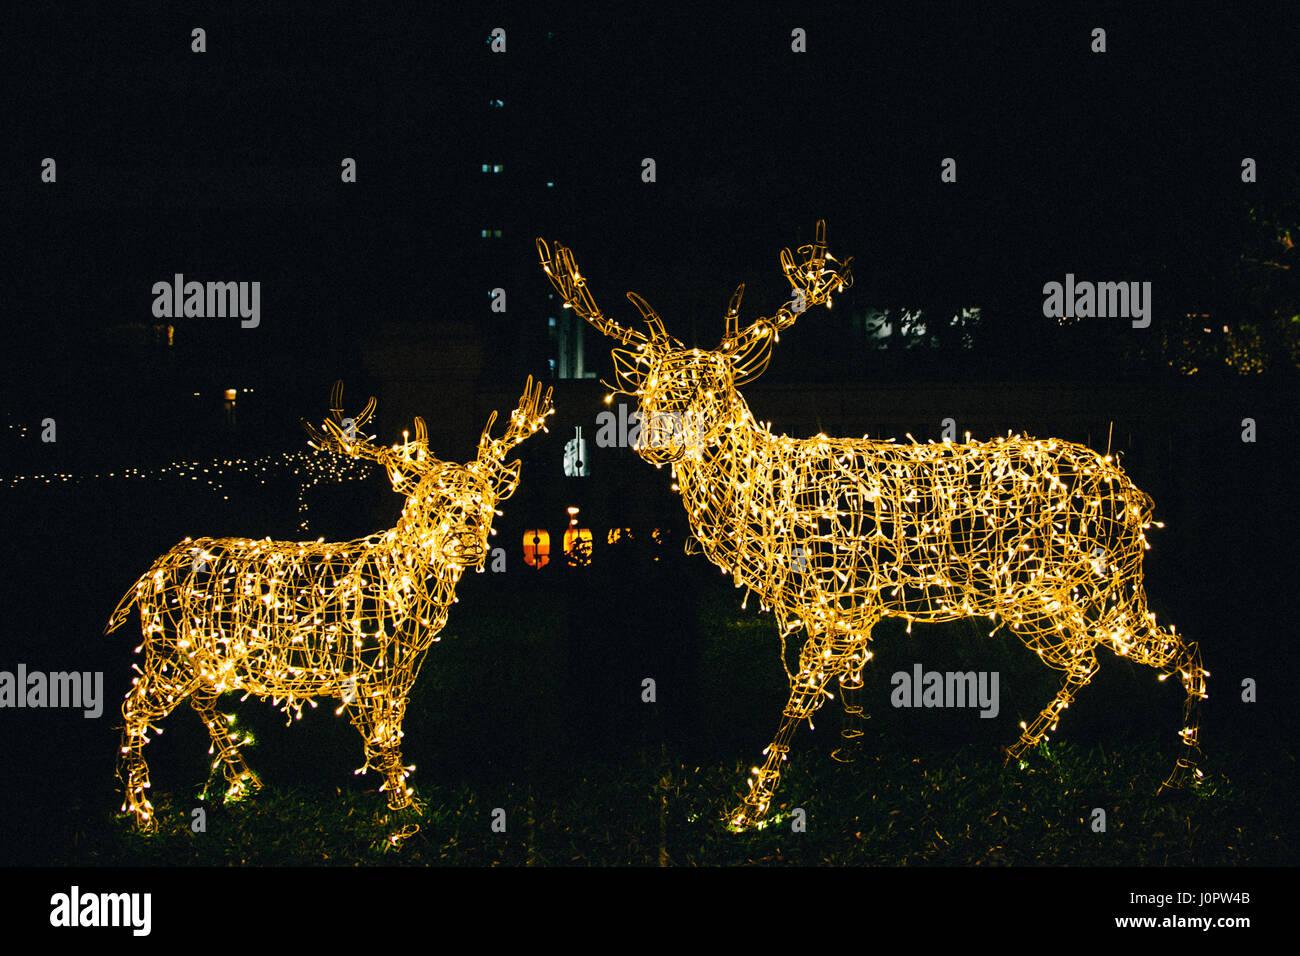 christmas lights reindeer deer illuminated decorations in a garden - Deer Christmas Lights